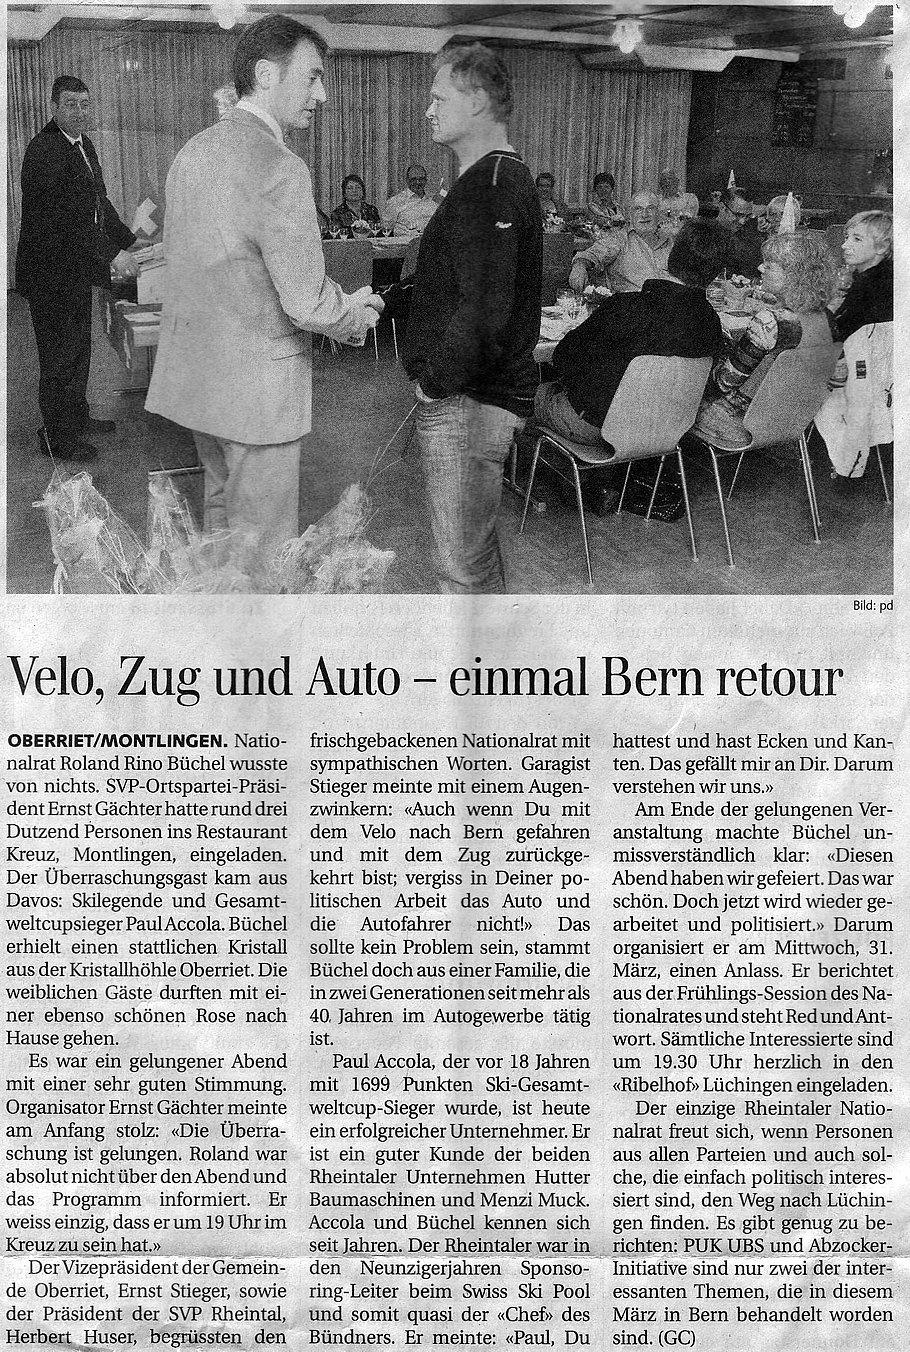 Der Rheintaler: Velo, Zug und Auto - einmal Bern retour